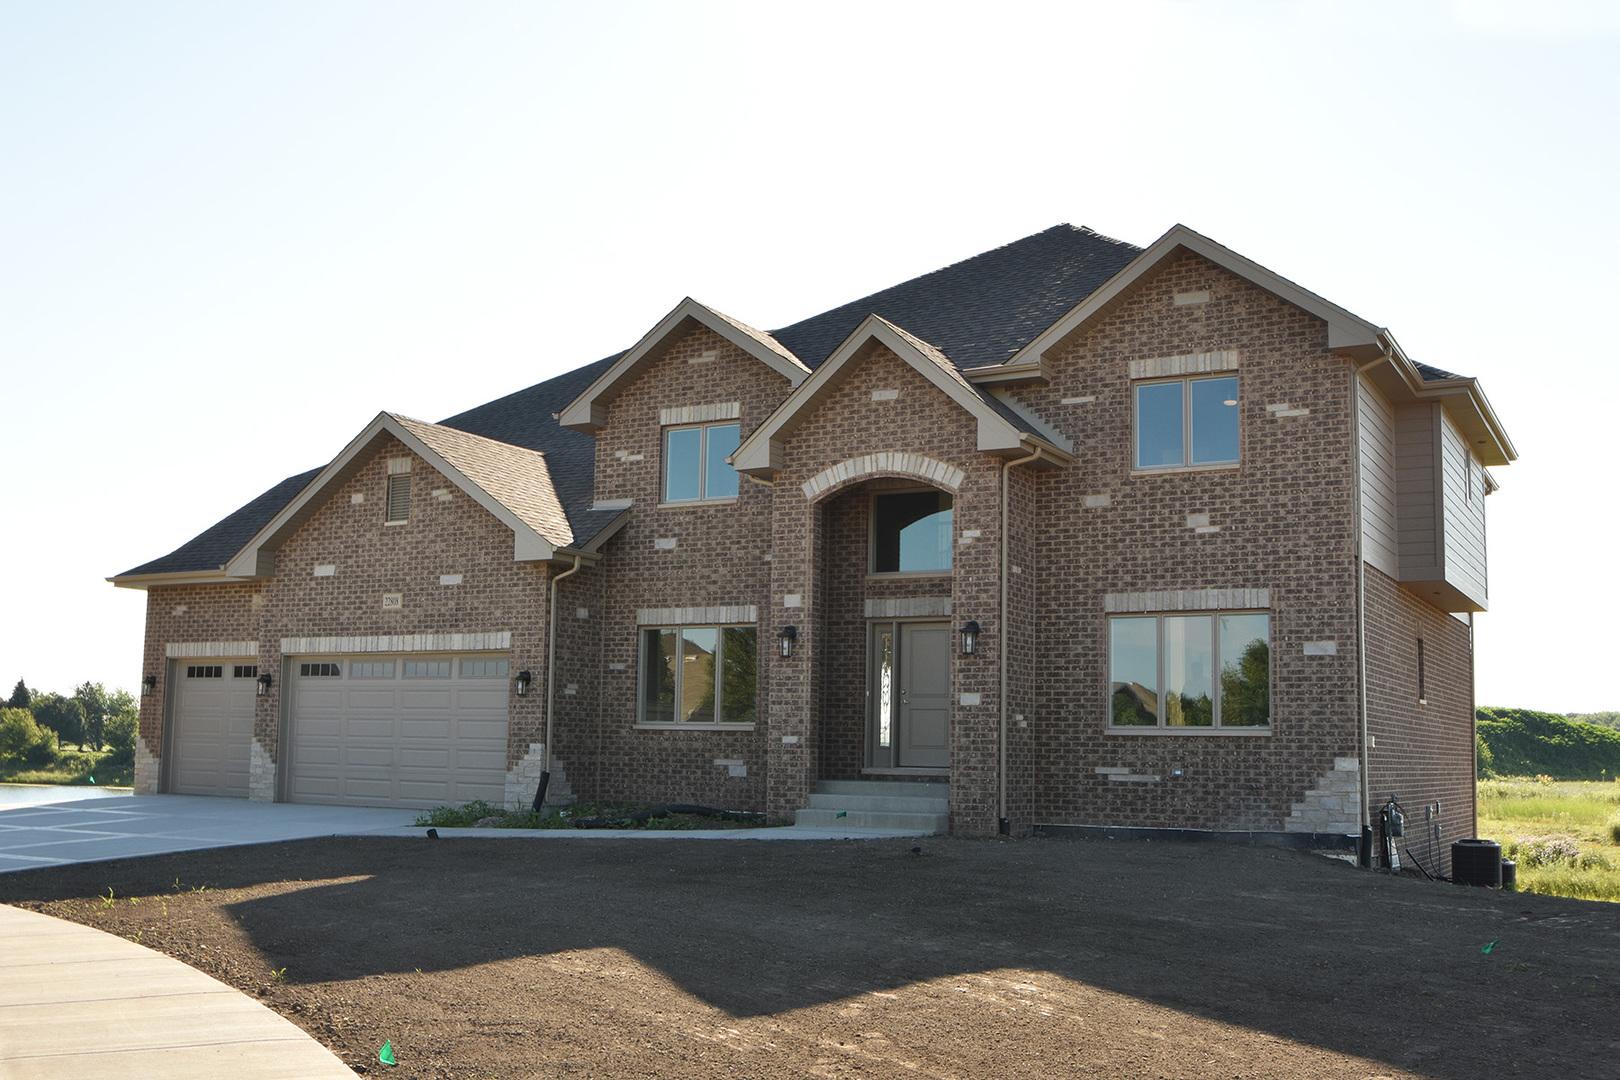 22808 Lakeview Estates, Frankfort, Illinois 60423